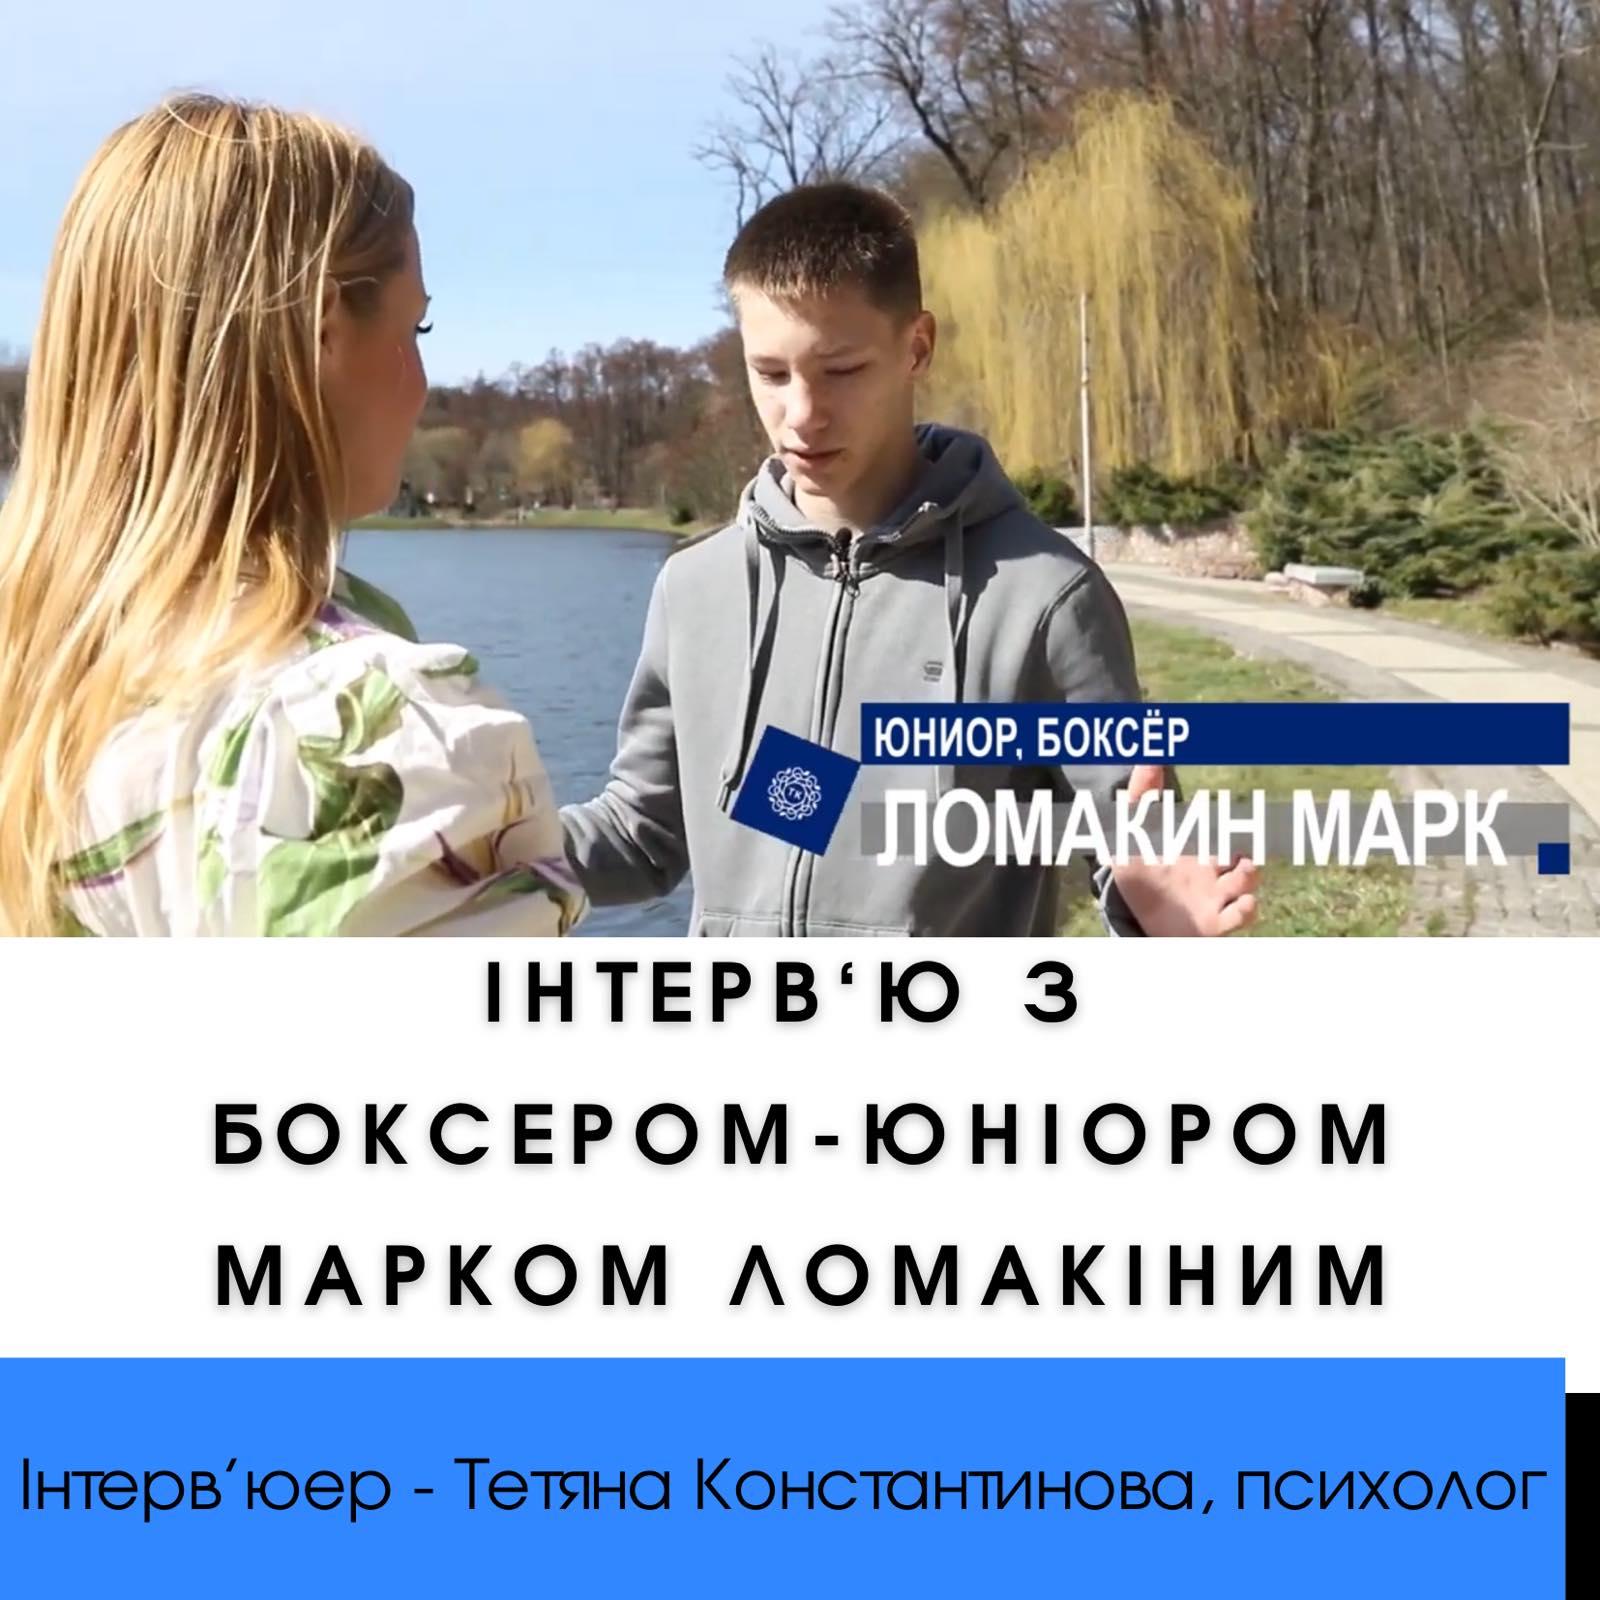 ІНТЕРВ'Ю З МАРКОМ ЛОМАКІНИМ